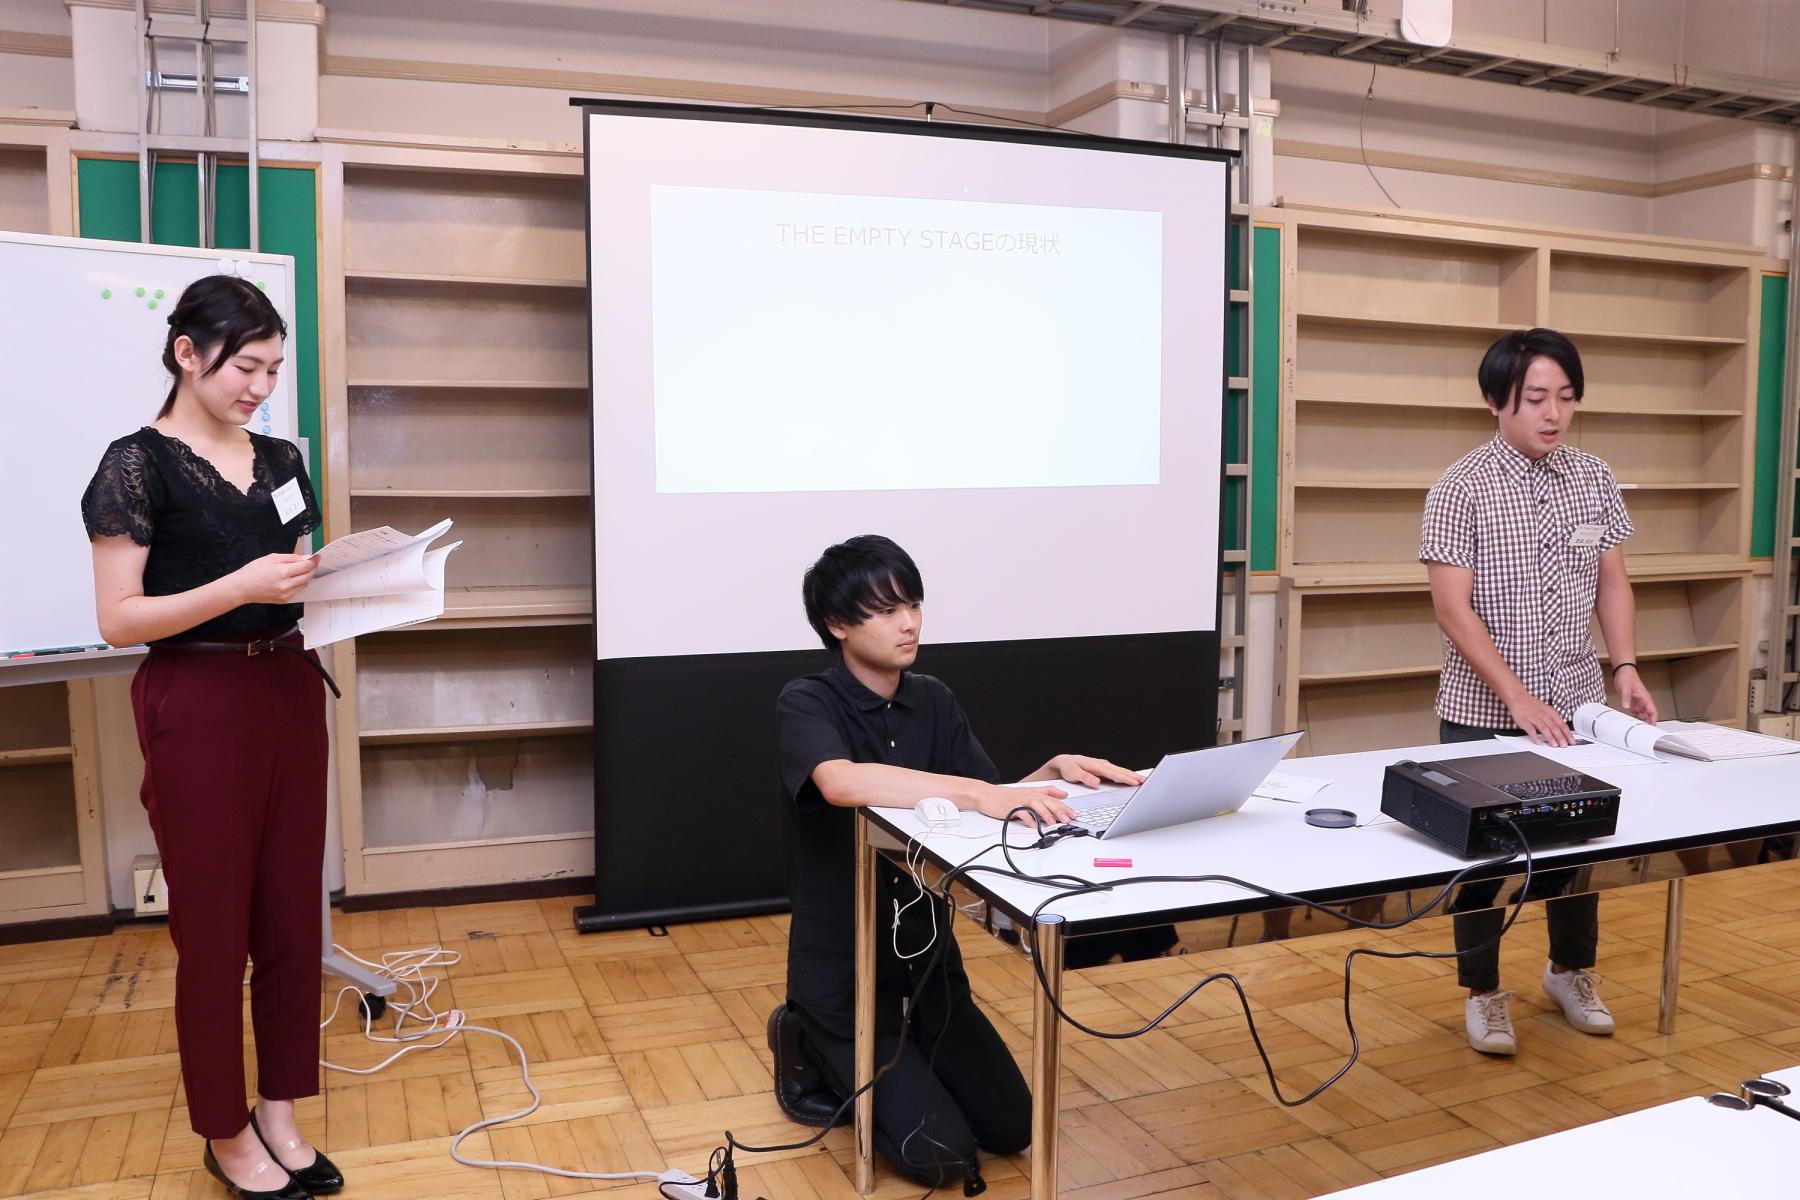 http://news.yoshimoto.co.jp/20170910063341-e8dd278e4c228ebe3668f33b59f6c76f9b909877.jpg